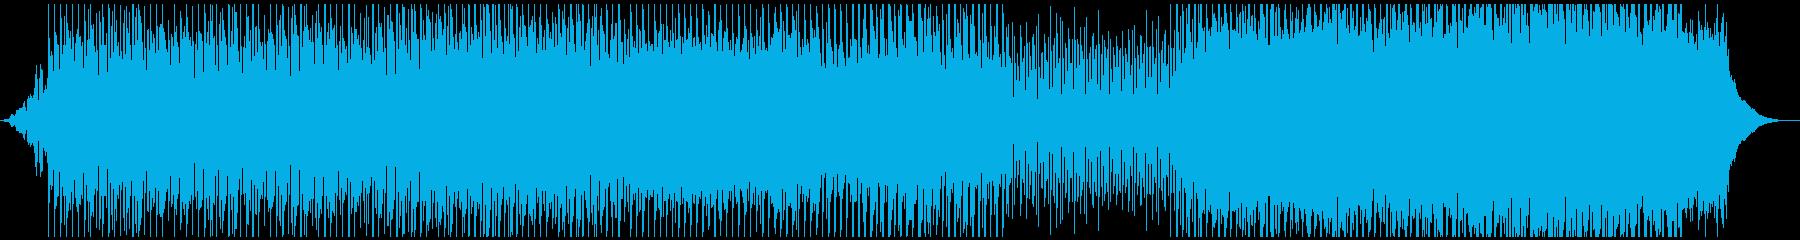 外国映画サントラ風 重低音エレクトロニカの再生済みの波形